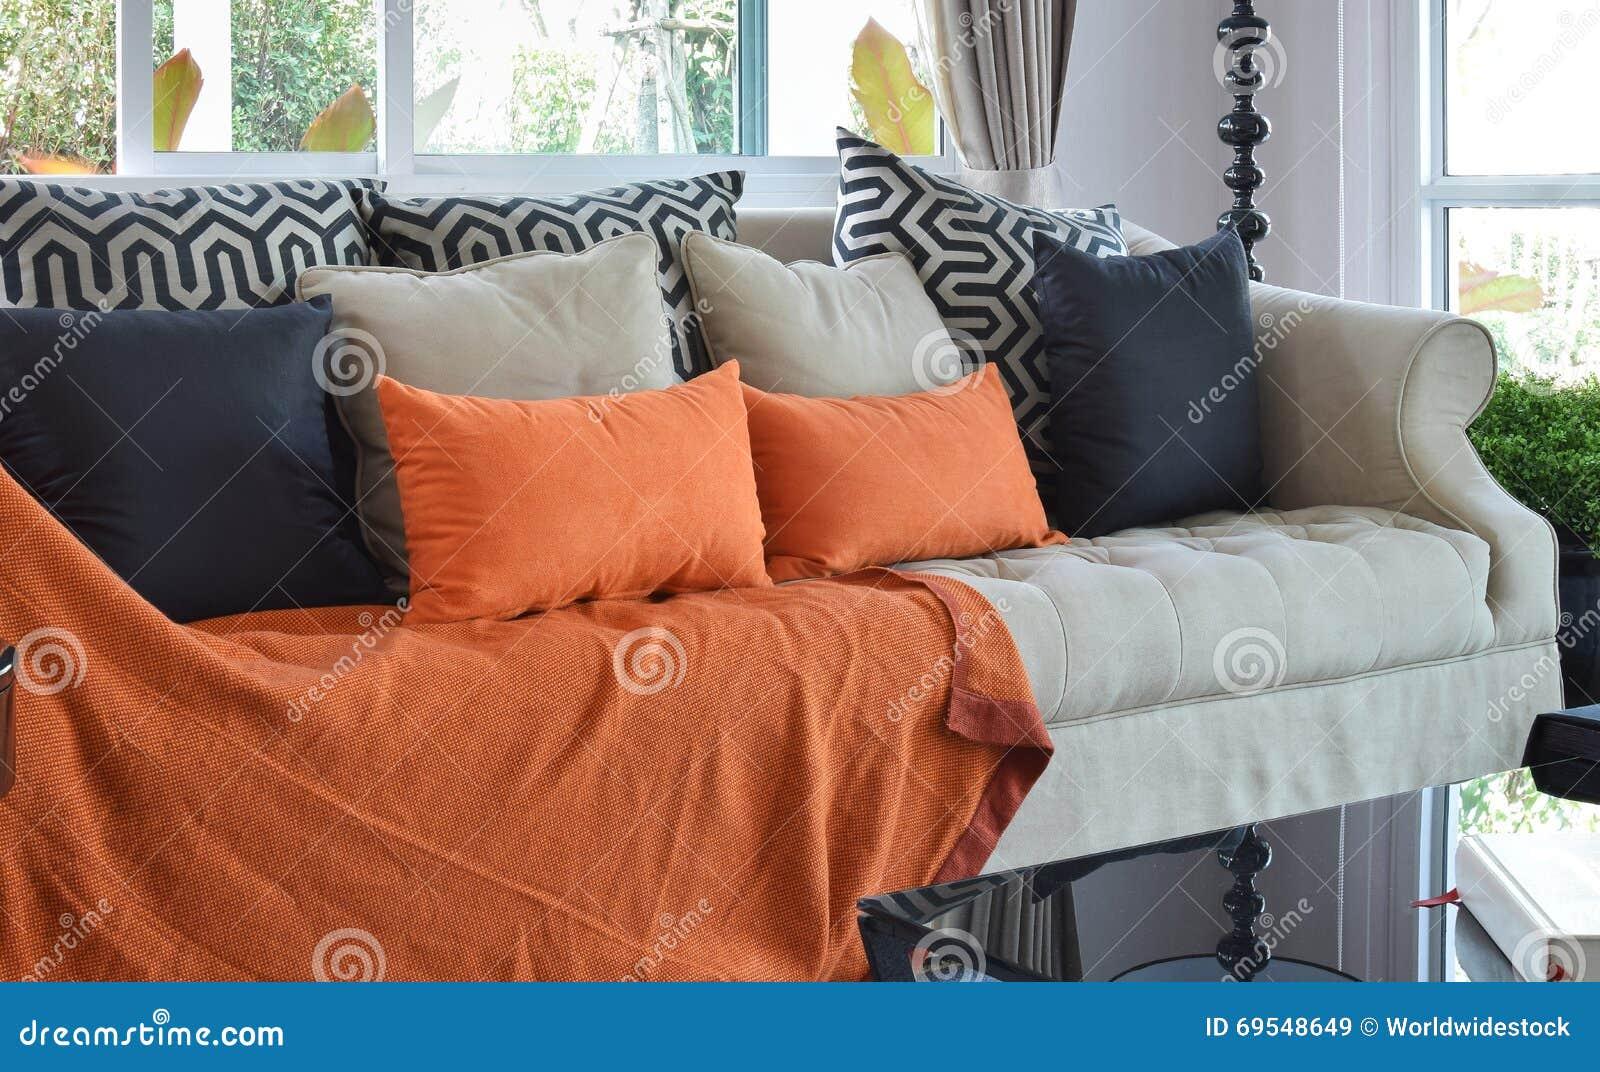 Modernes Wohnzimmer Mit Braunen Und Orange Sofa Den Kissen